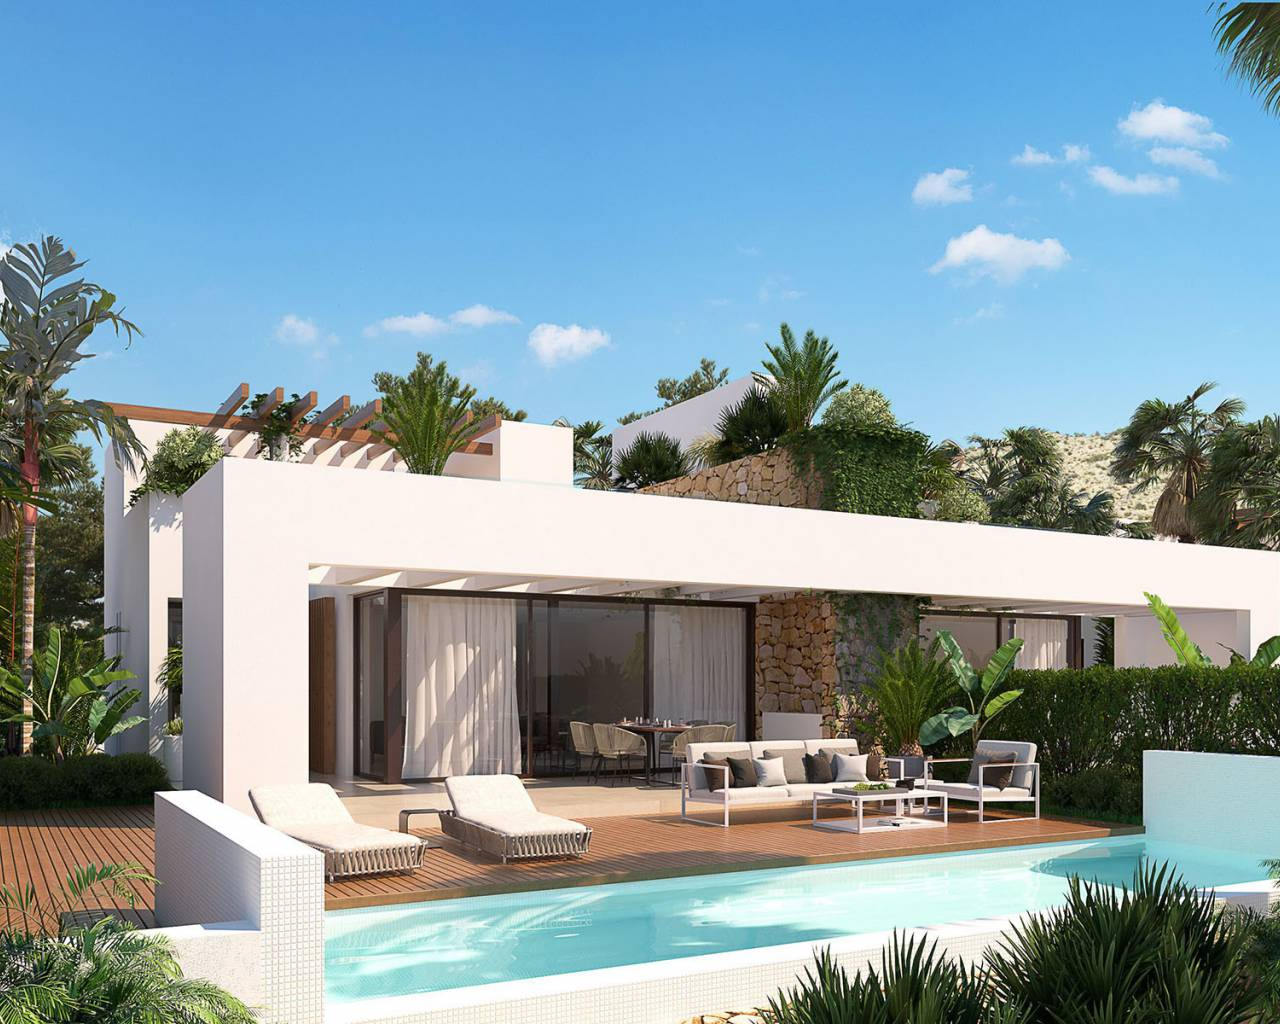 nieuwbouw-half-vrijstaande-villa-montforte-del-cid-font-del-llop_3178_xl